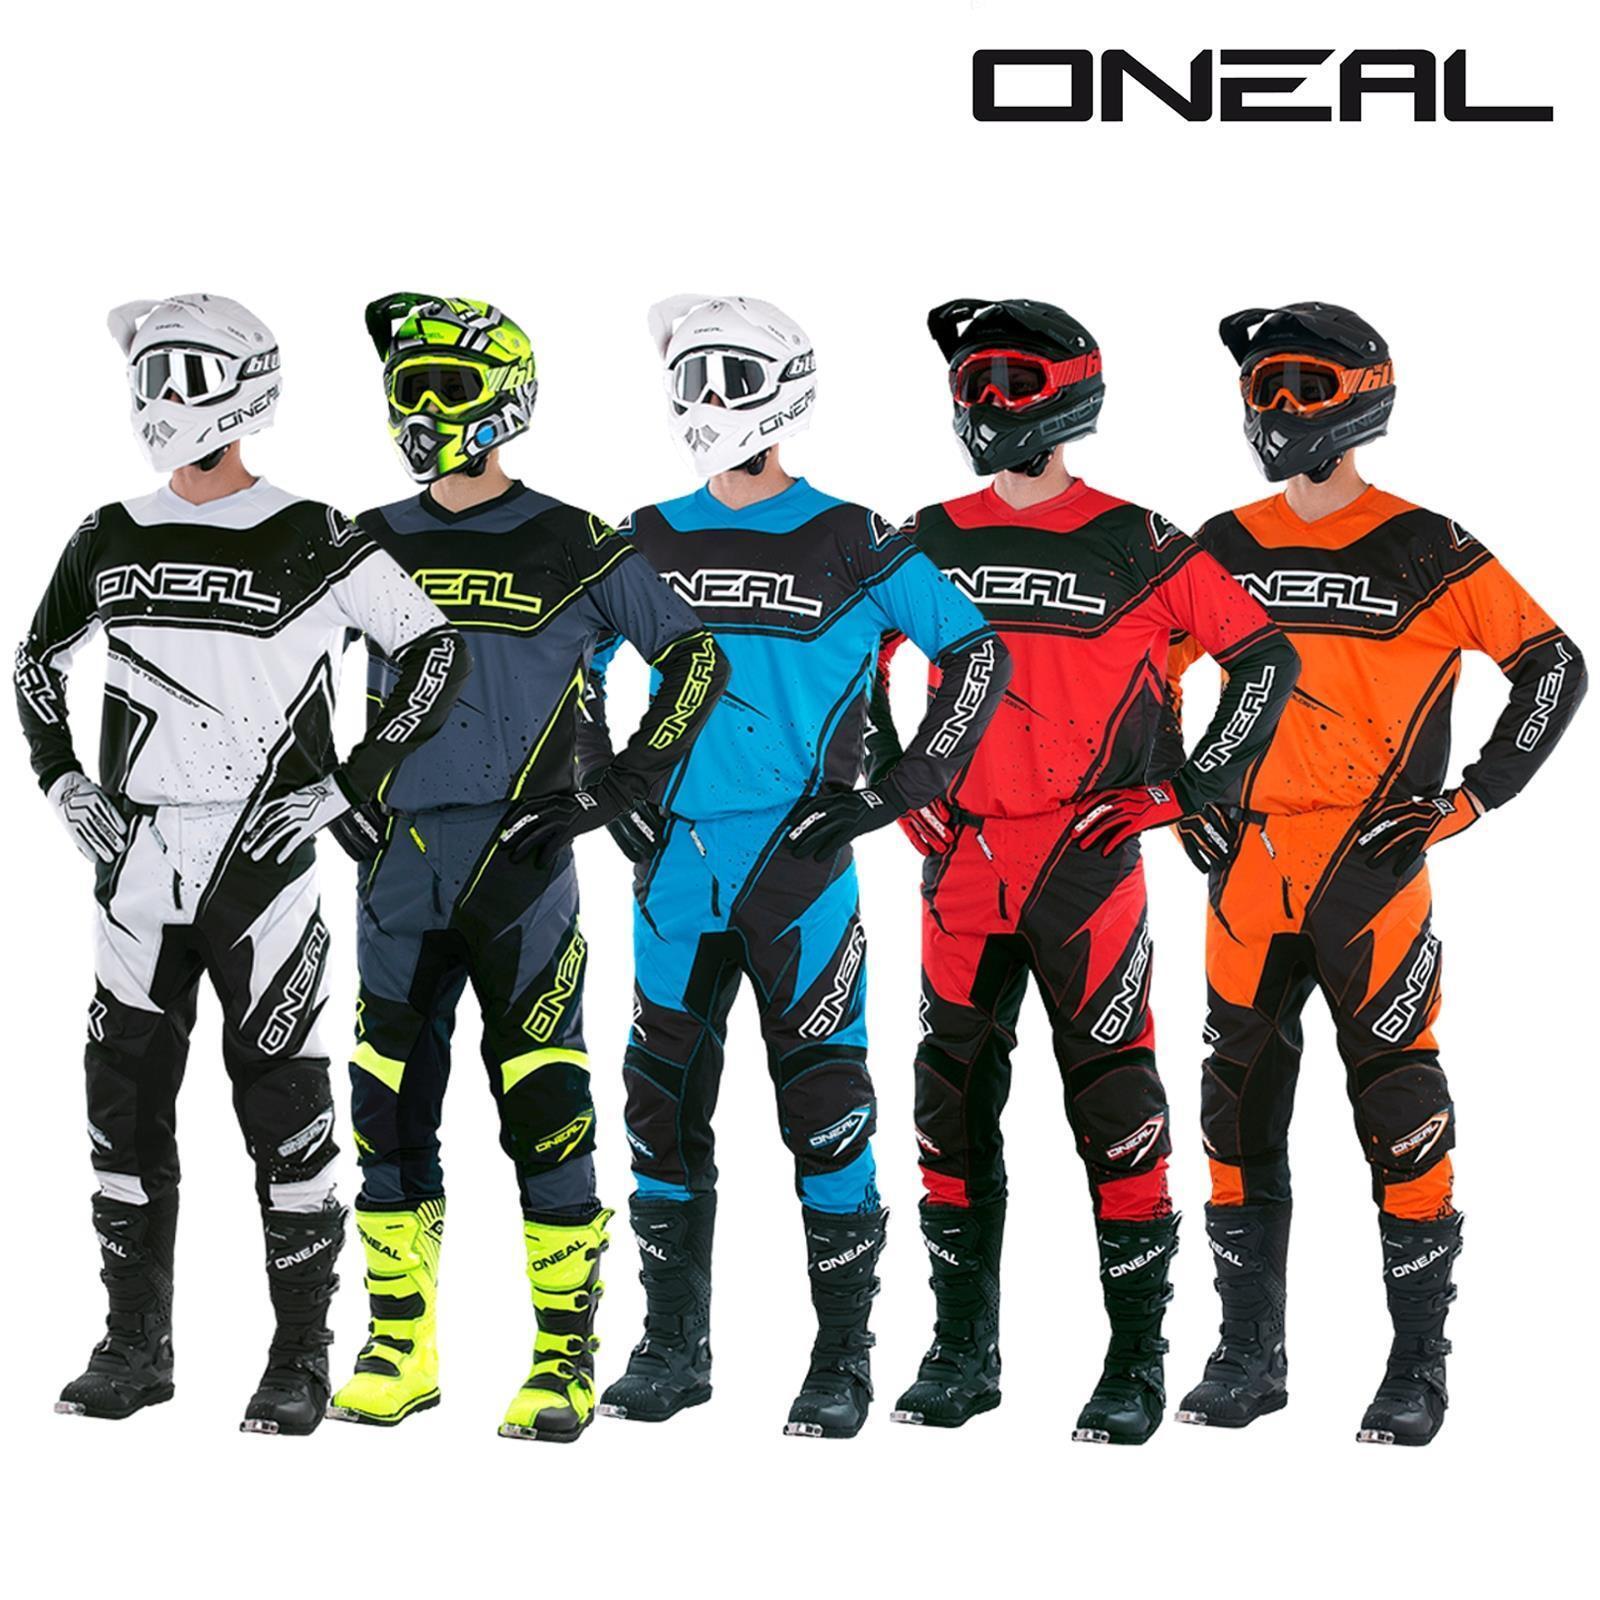 O'Neal EleSiet Racewear Combo Jersey Hose Motocross MX MTB DH Downhill Offroad